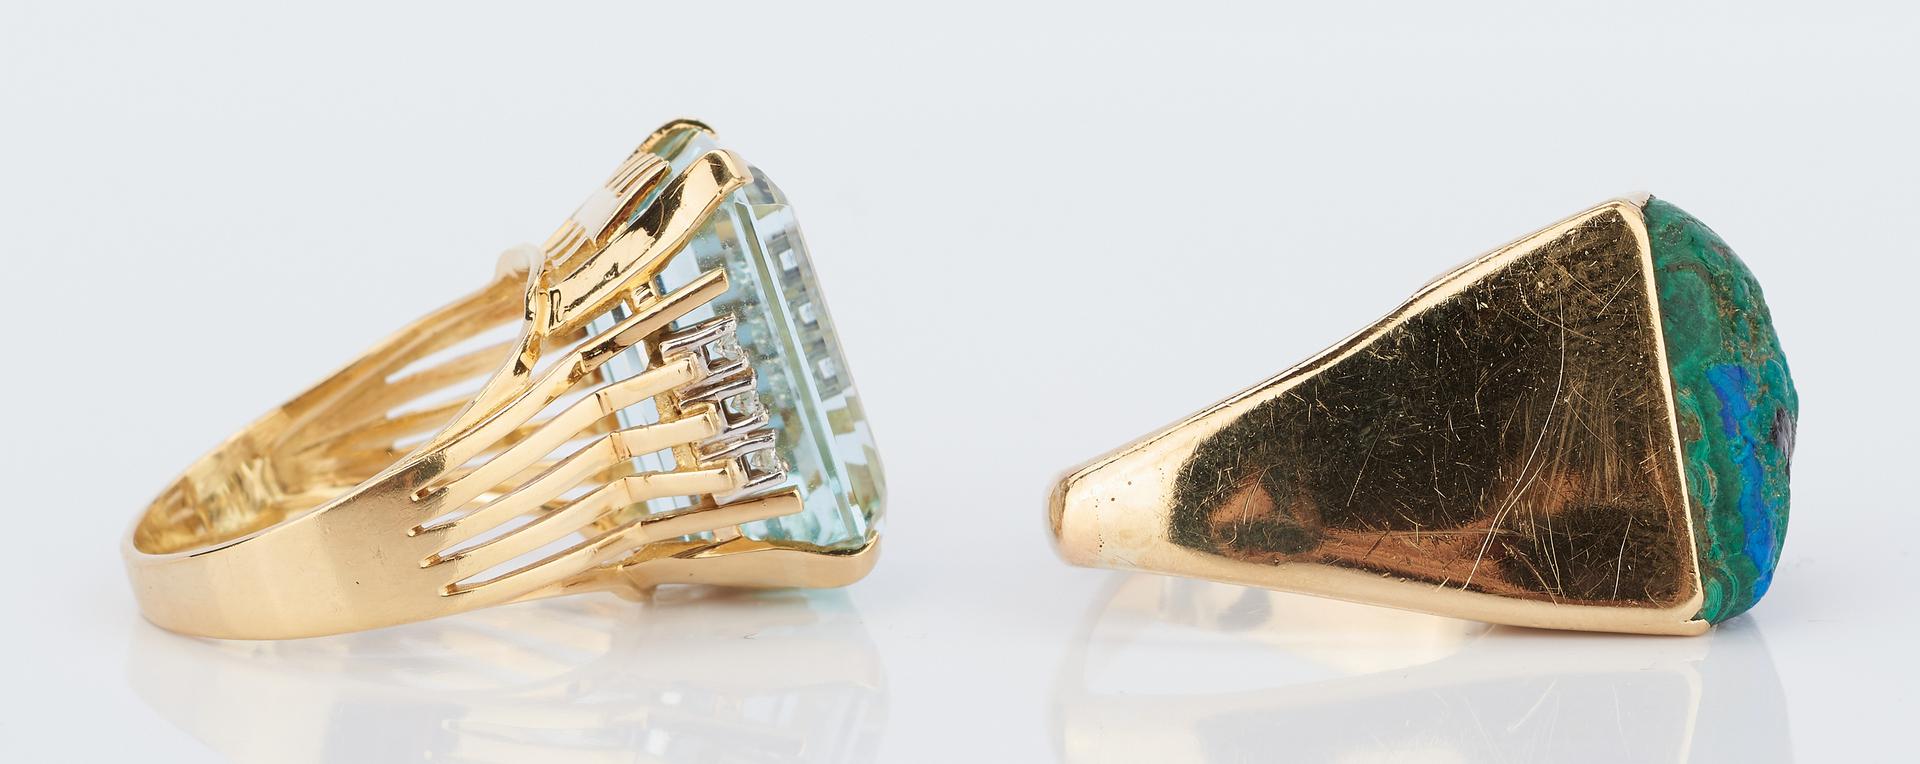 Lot 420: 2 Ladies 18K and Gemstone Rings